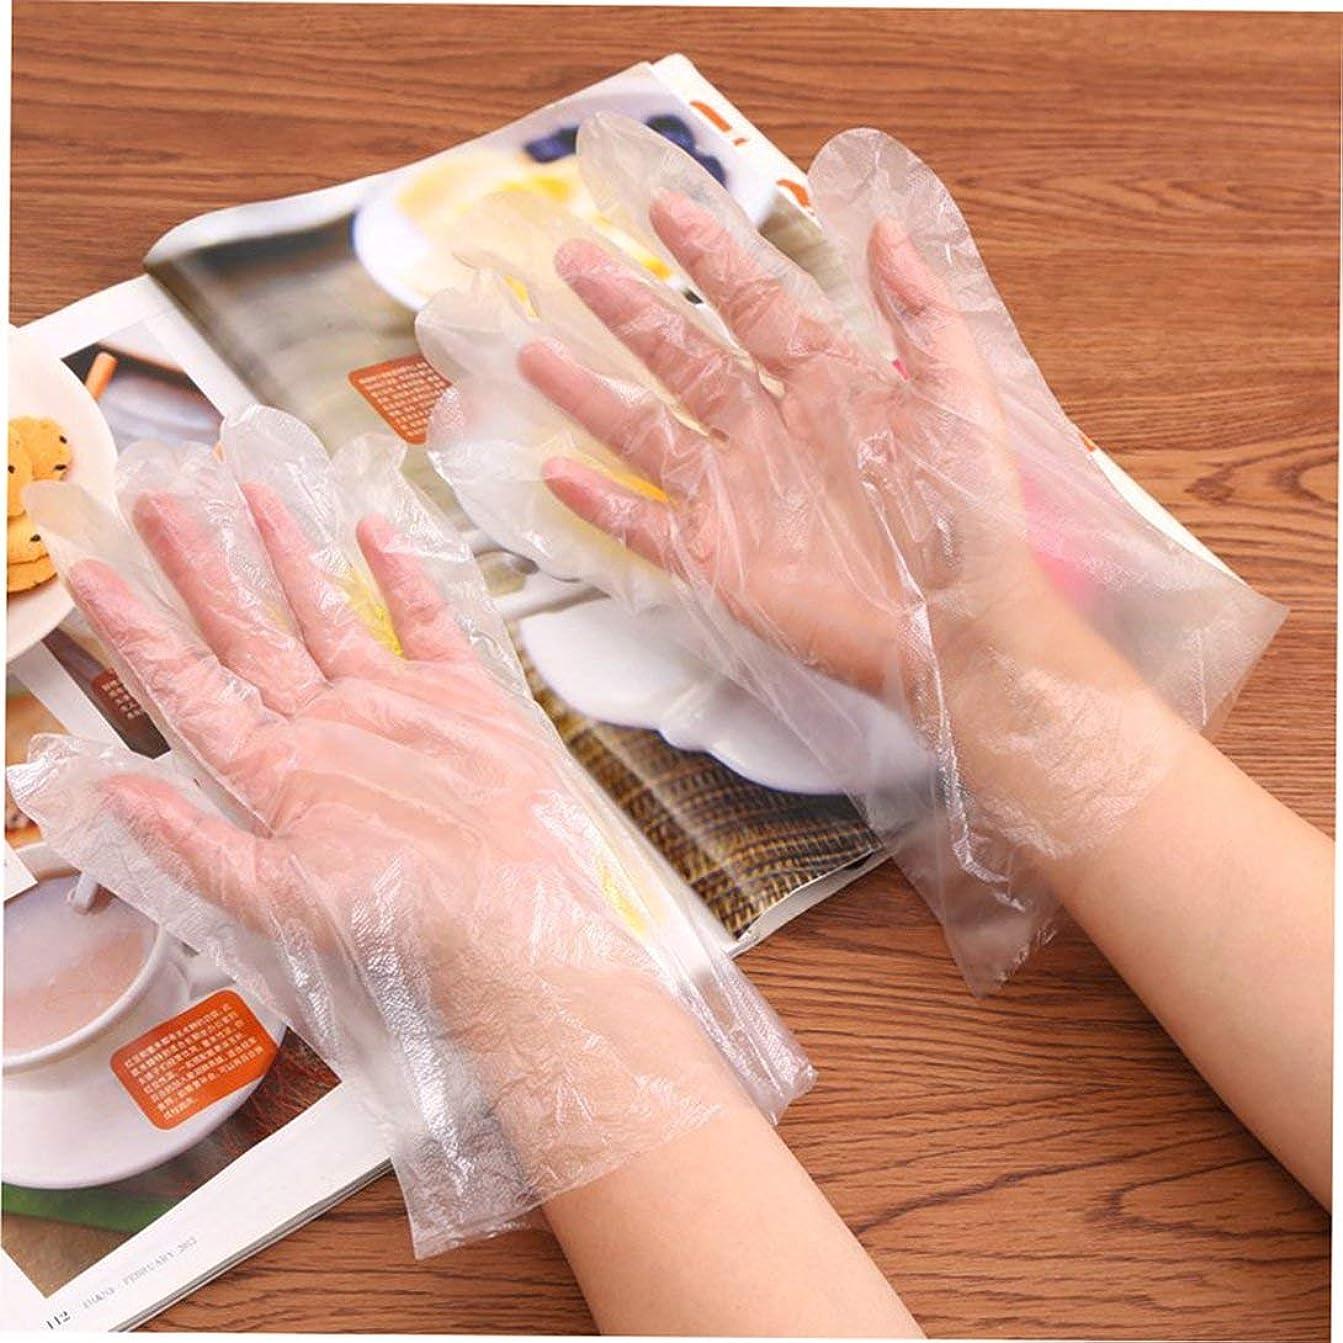 出来事チャレンジ蓄積するSwiftgood 使い捨て手袋の衛生世帯の清掃手袋の種類50日用品